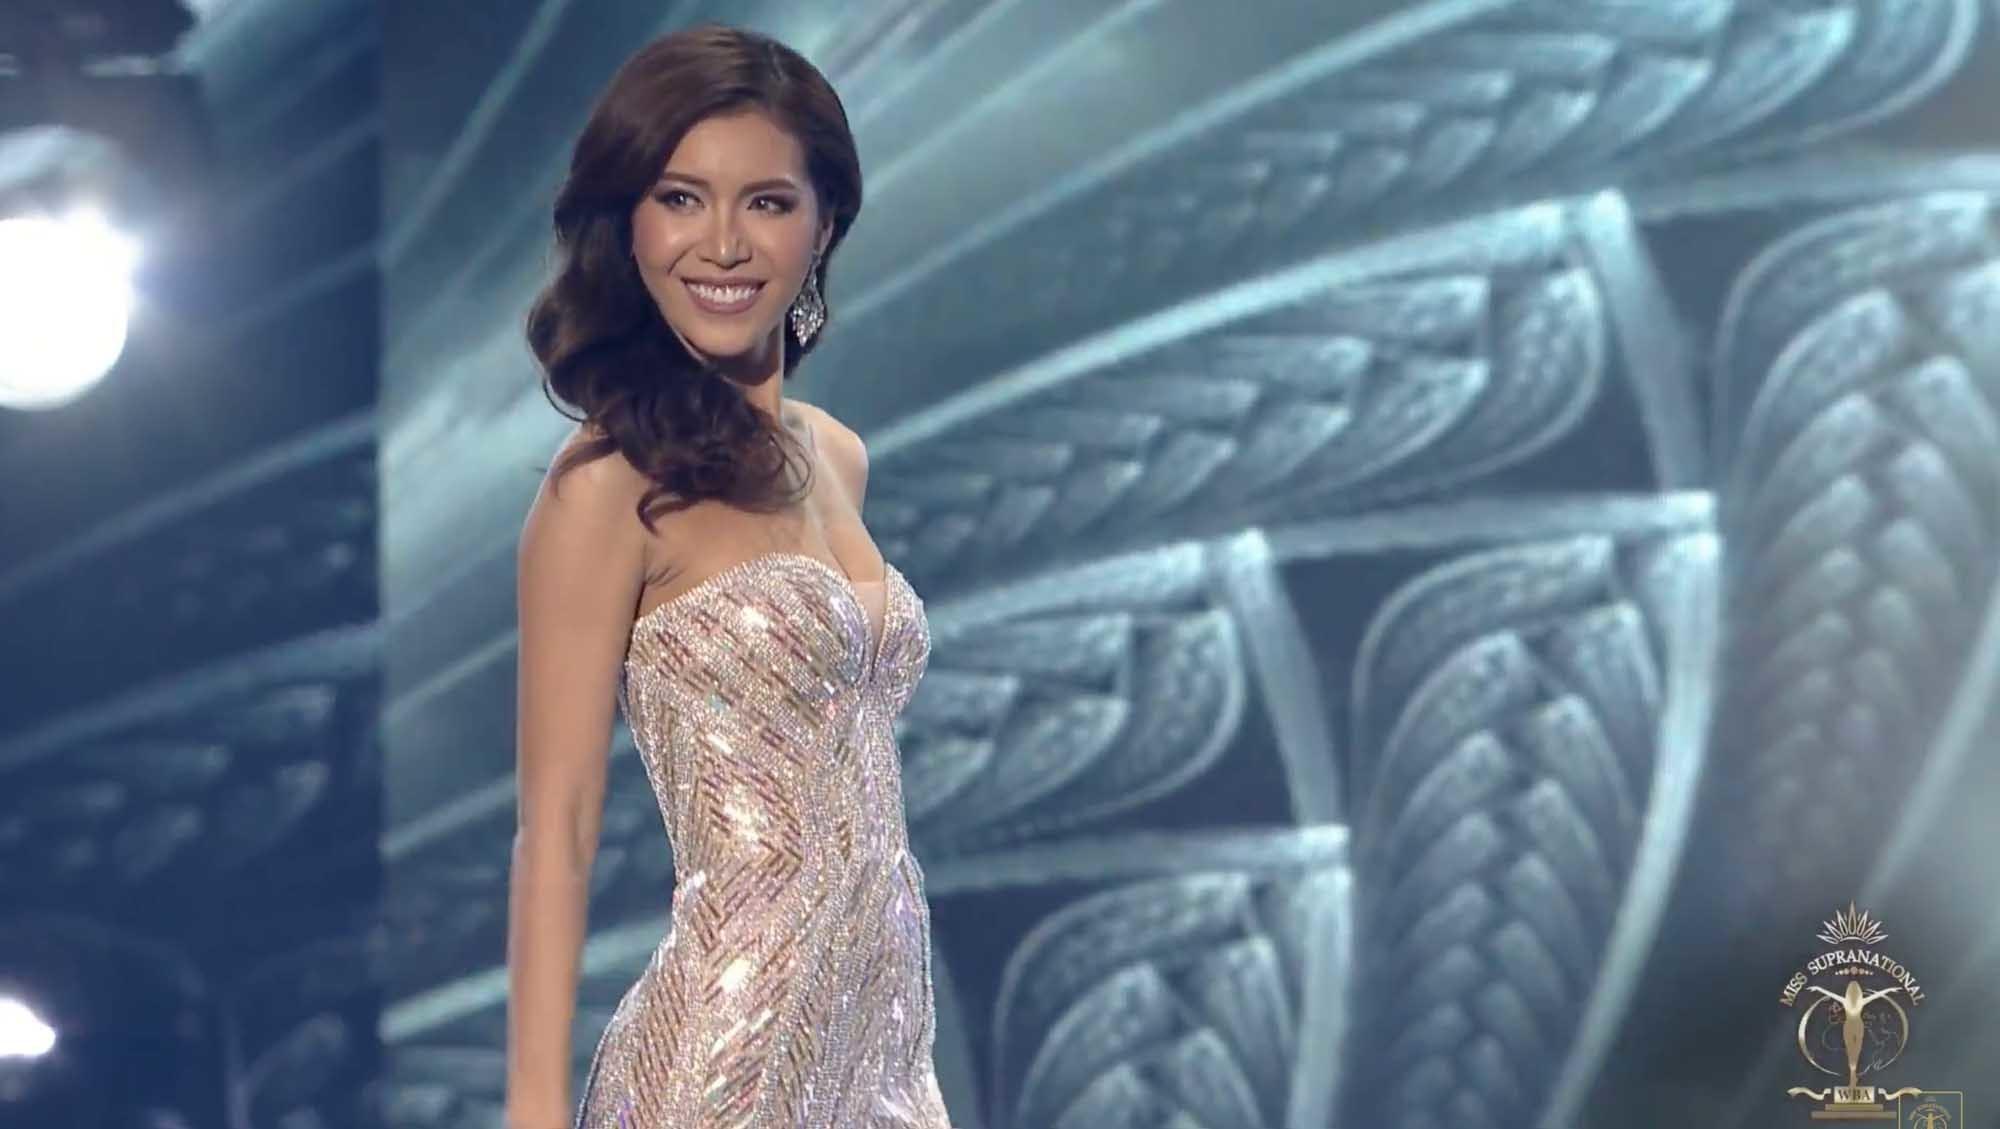 Minh Tú vào top 10, người đẹp Puerto Rico đăng quang Miss Supranational